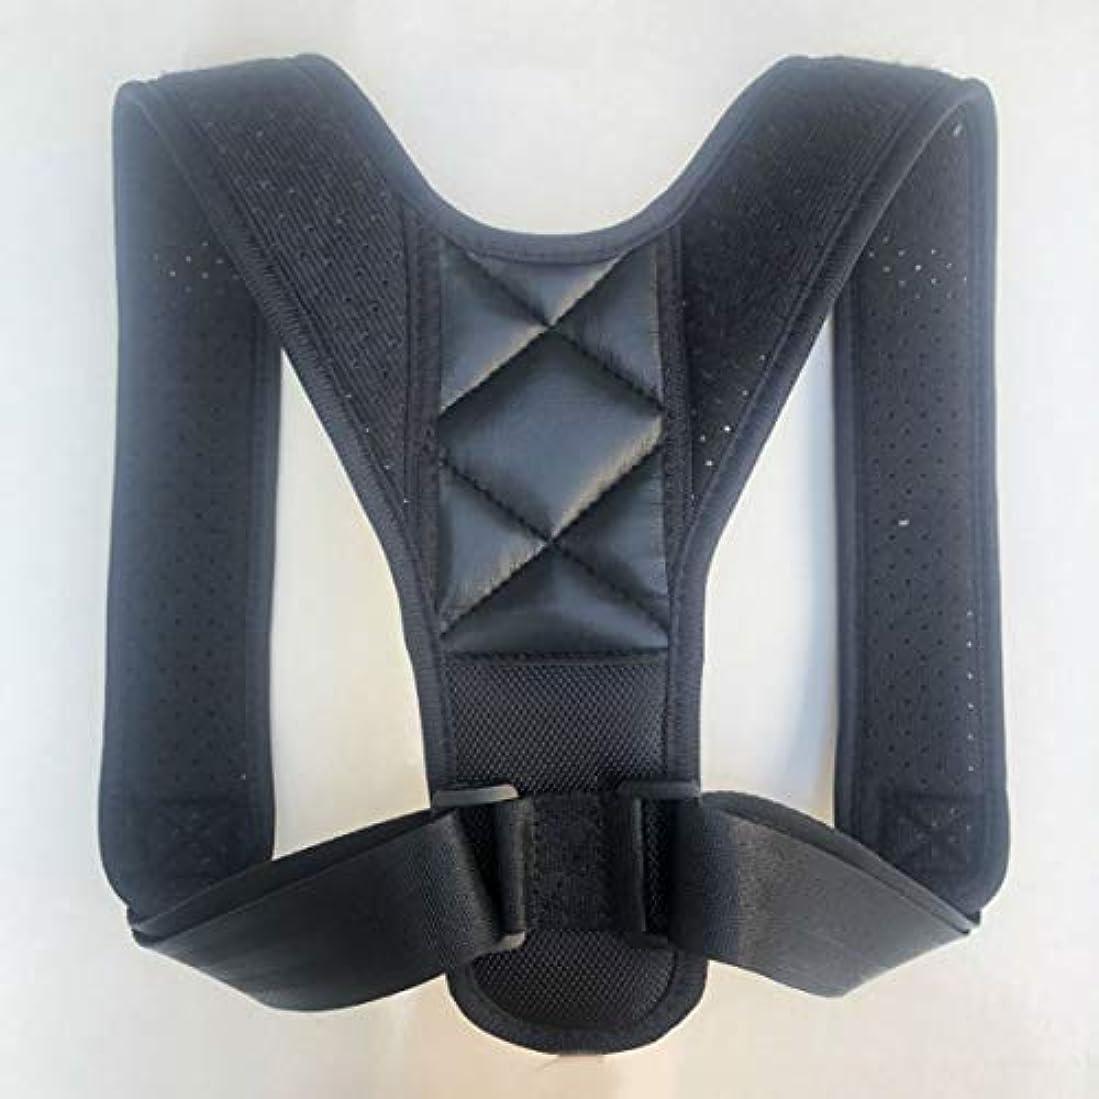 アナロジー売り手含意アッパーバックポスチャーコレクター姿勢鎖骨サポートコレクターバックストレートショルダーブレースストラップコレクター - ブラック